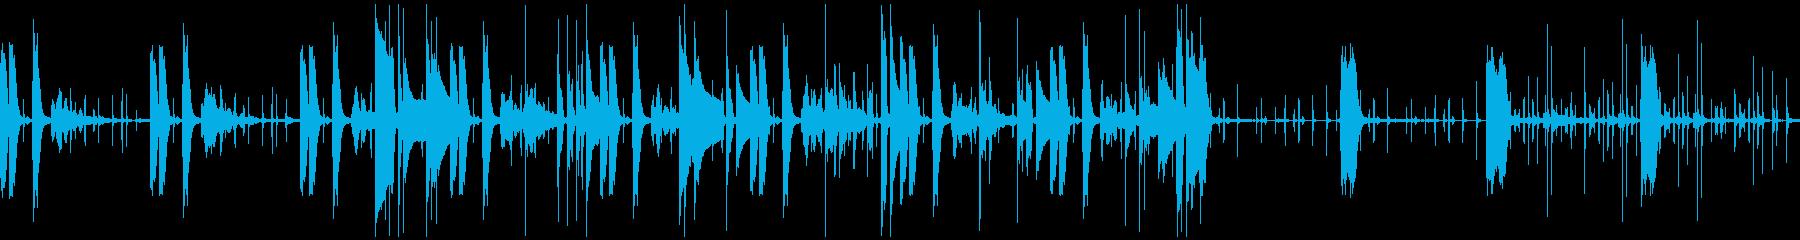 バラエティで流れるような怪しいBGMの再生済みの波形